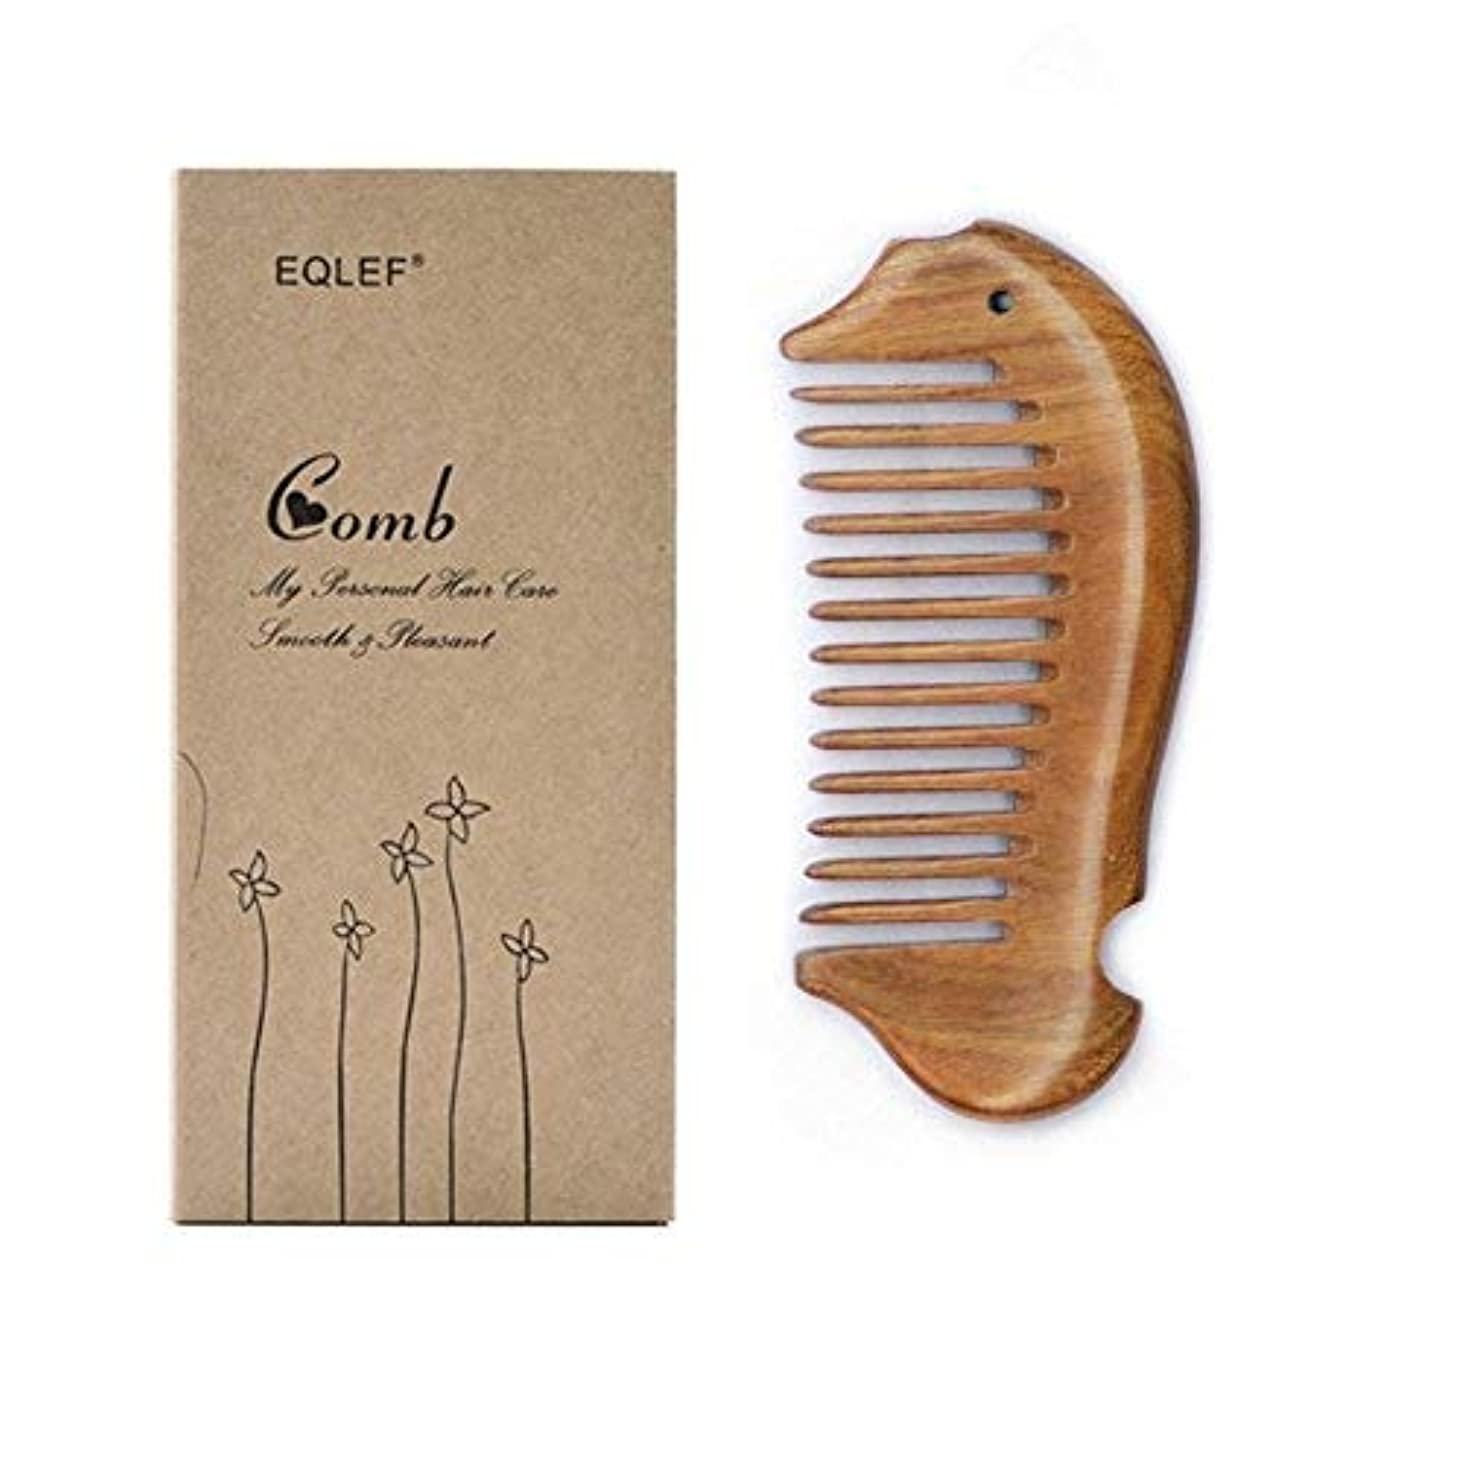 ジャーナリスト叫ぶ偶然のEQLEF? Fish shape Beard Comb Wooden Comb wide Tooth Green Sandalwood Pocket Comb Small Hair Comb Hair Brush [並行輸入品]